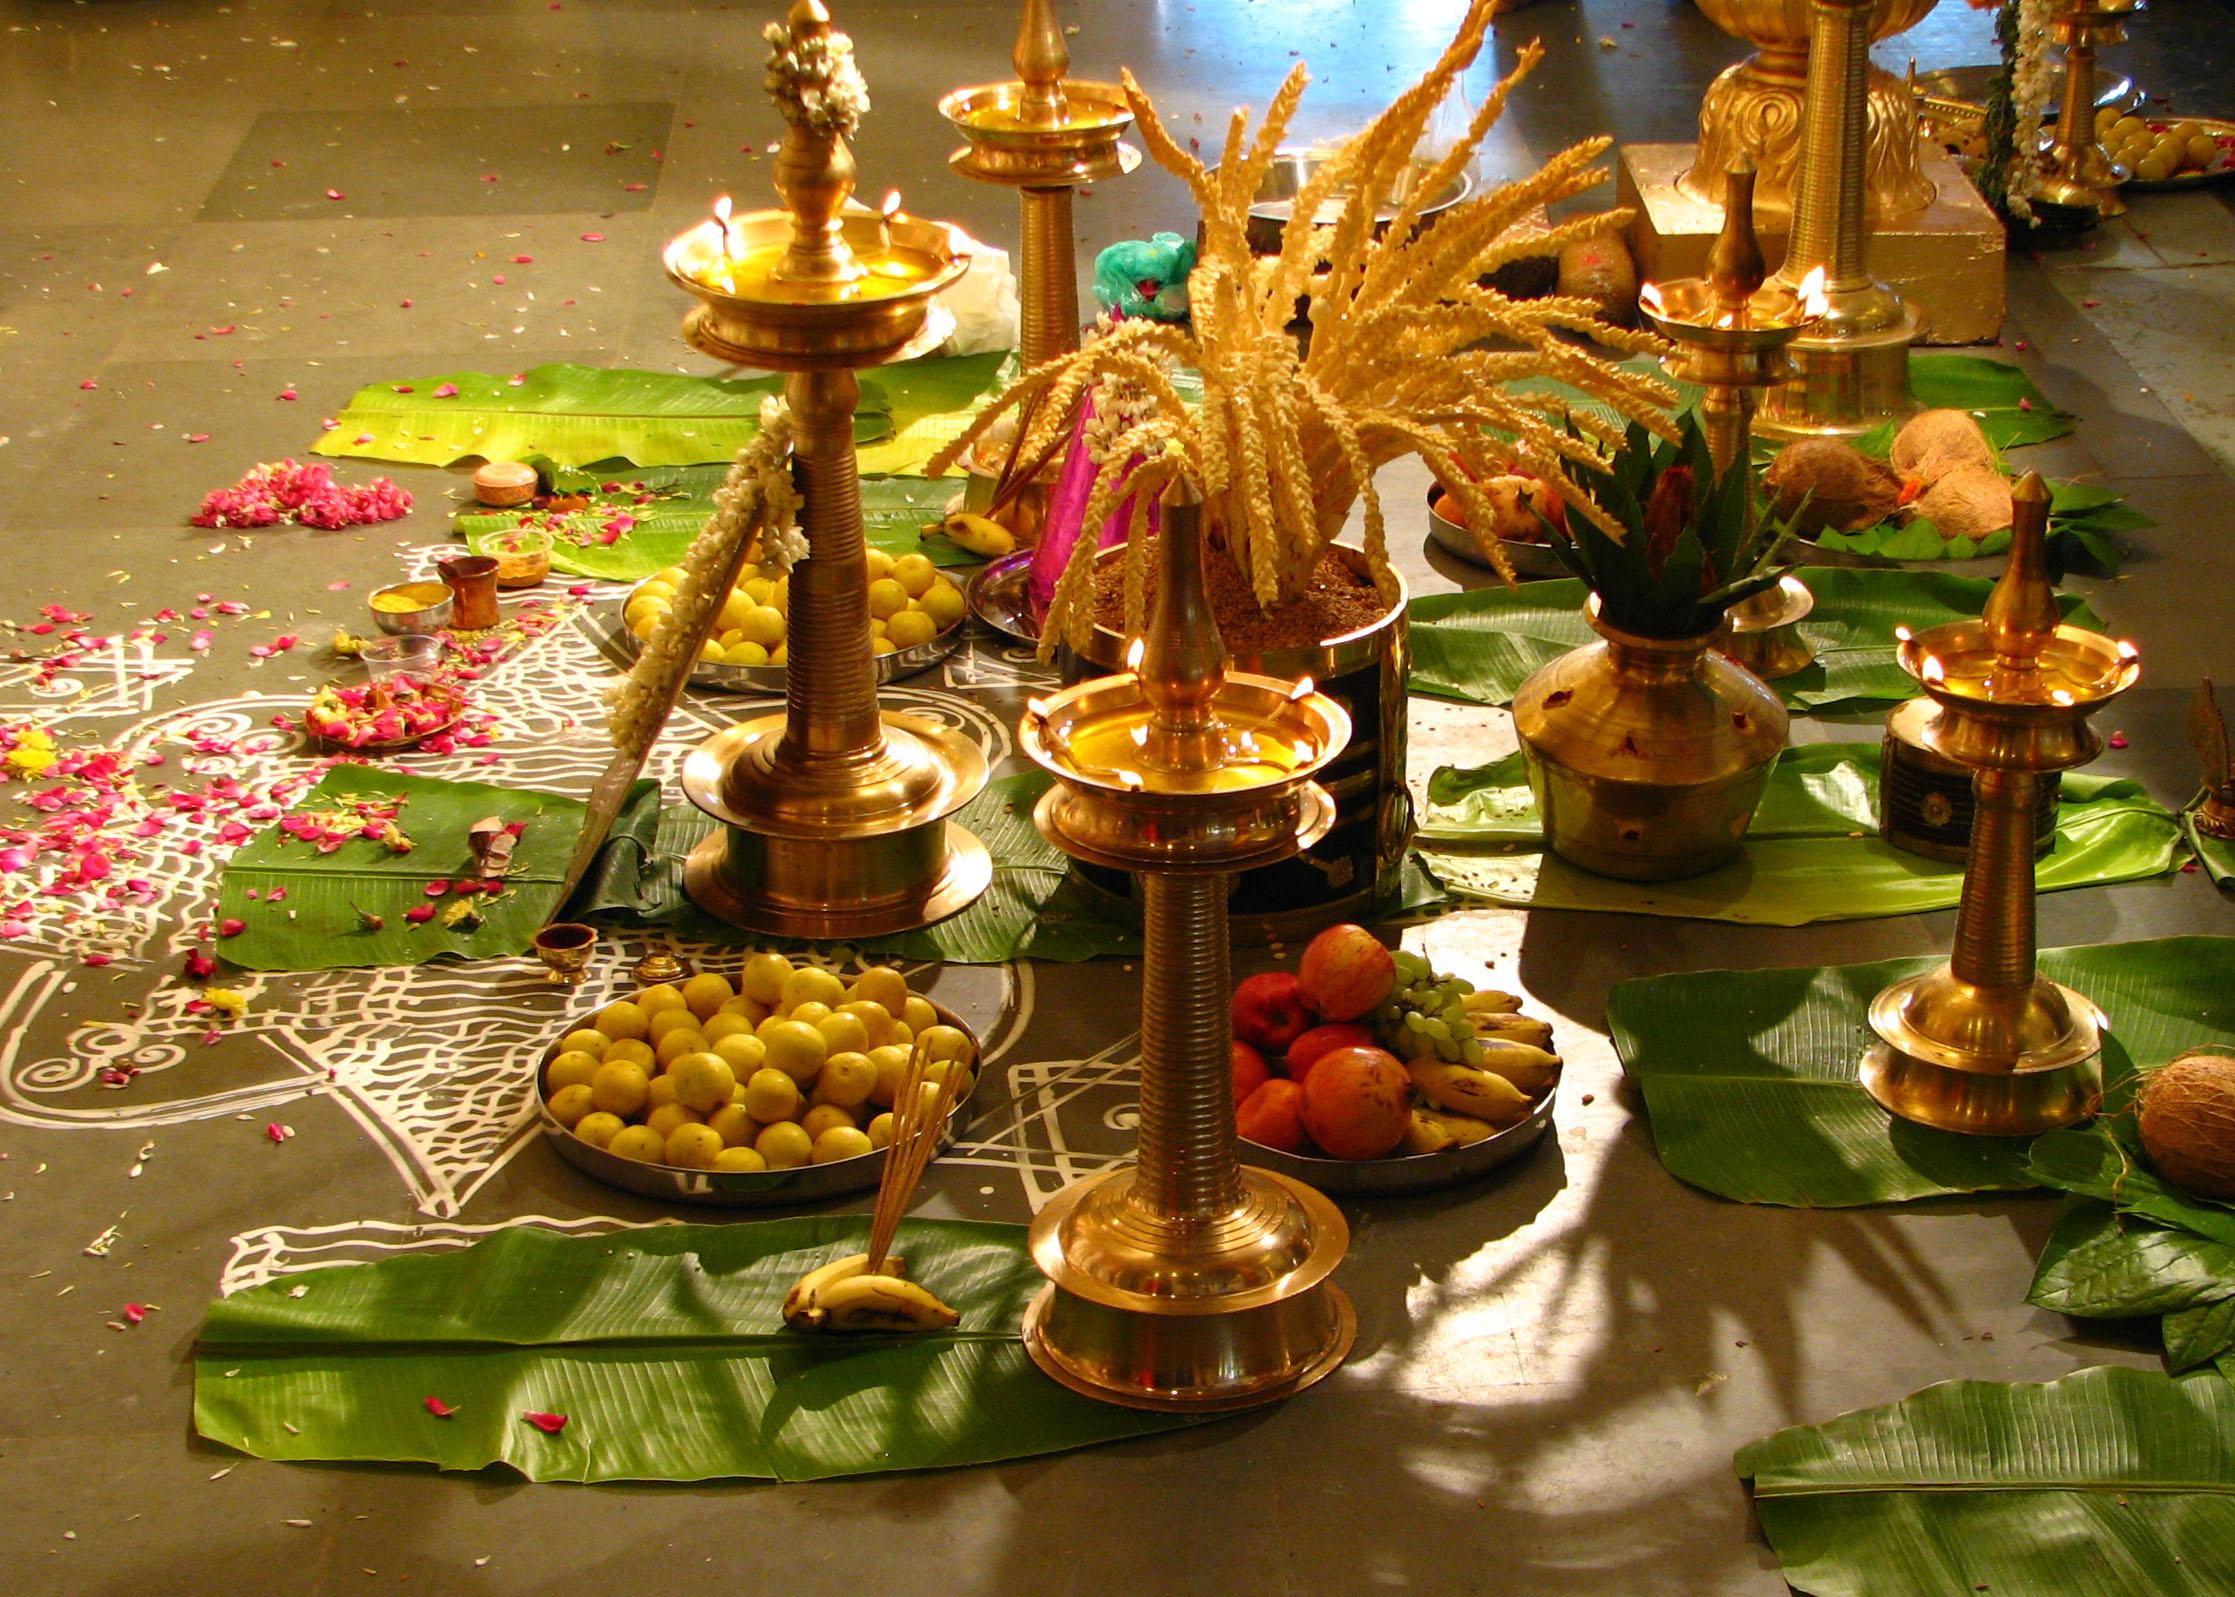 File:Offerings at a Hindu wedding.jpg